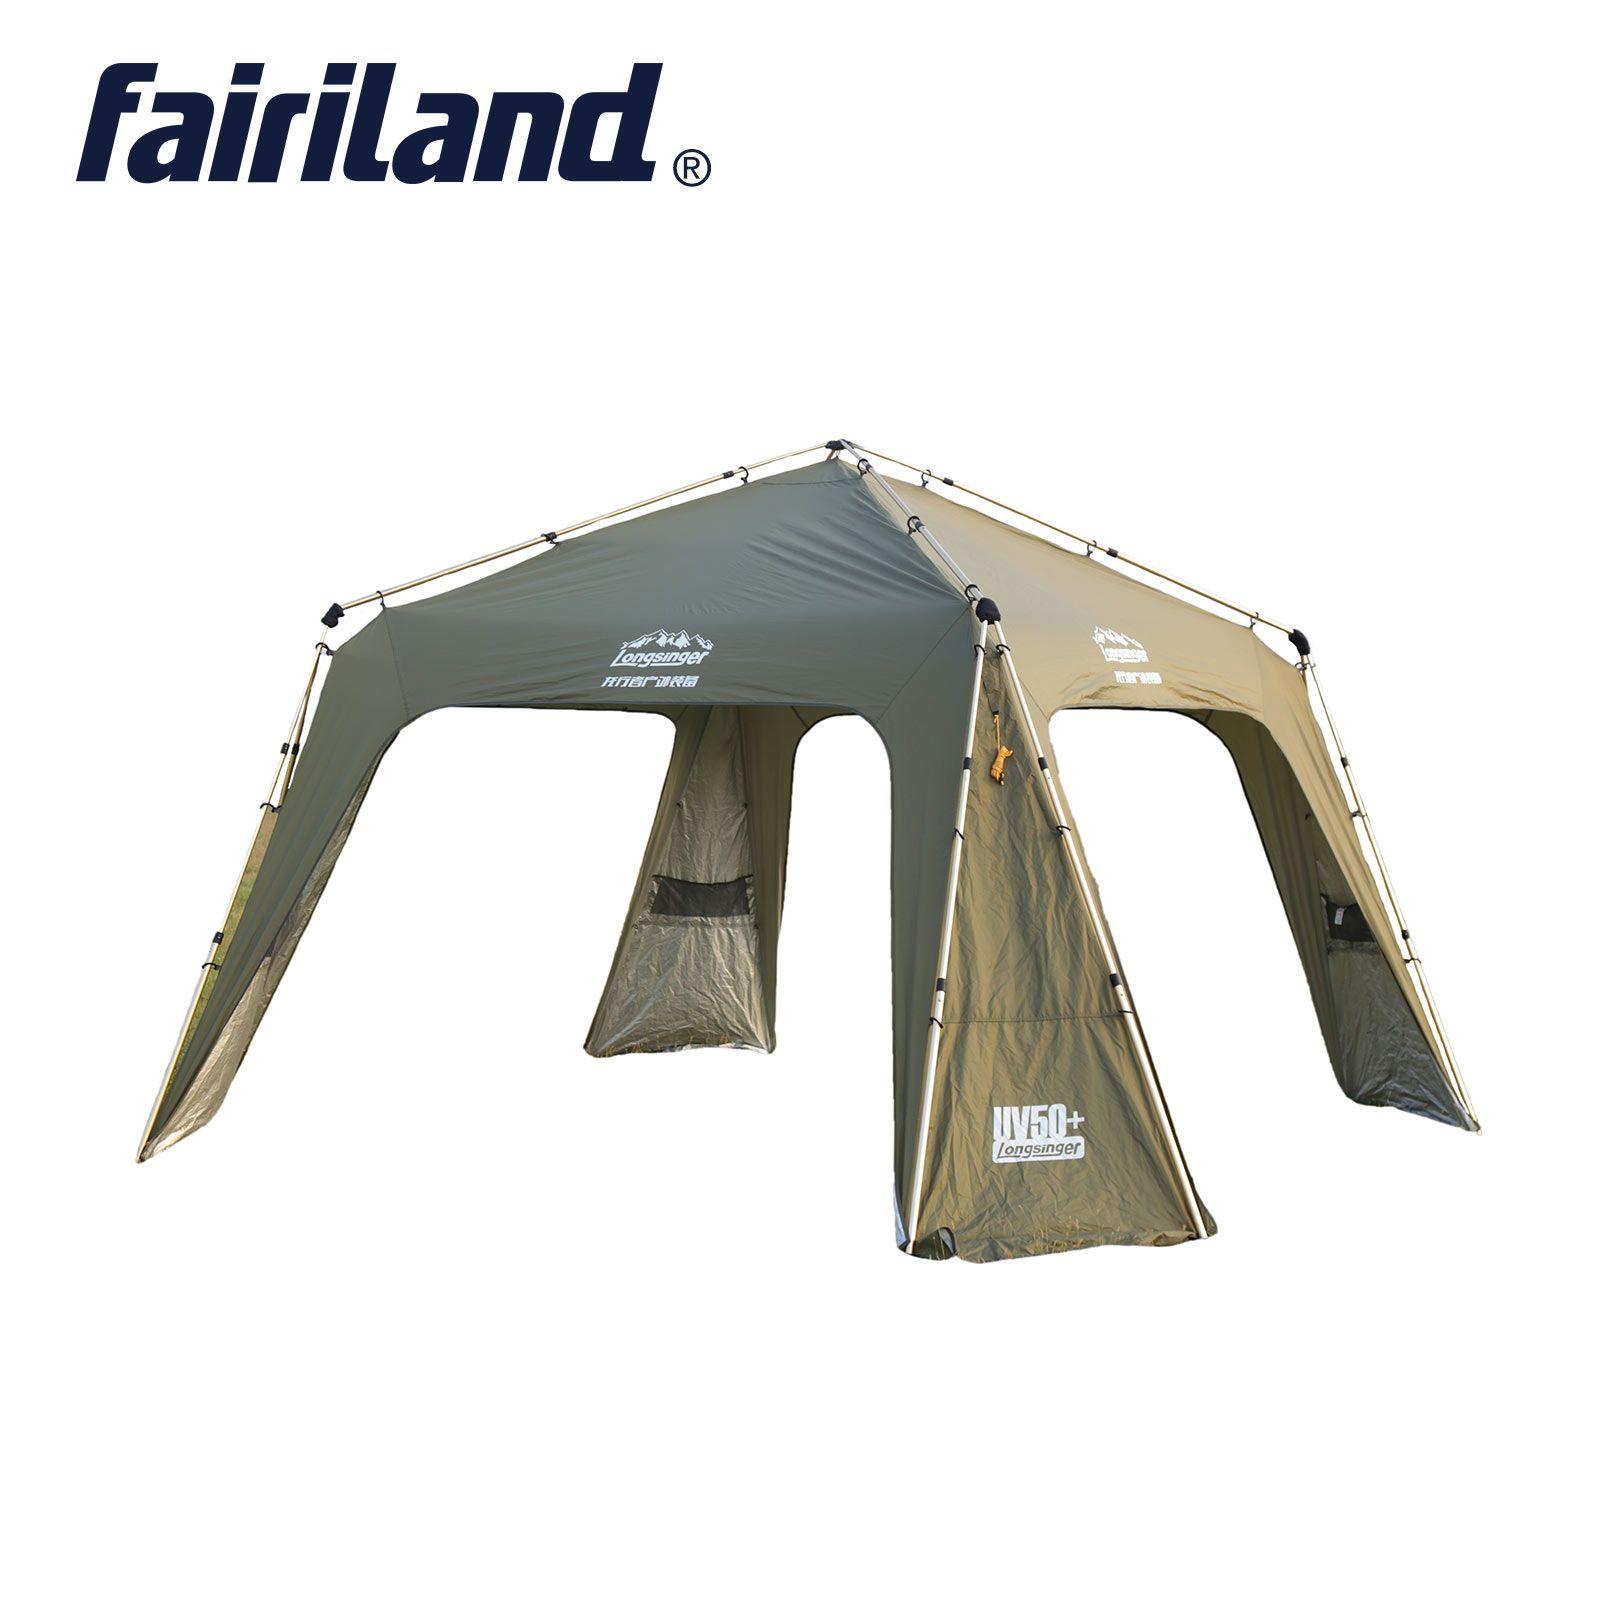 야외 럭셔리 ultralarge 보호소 캠핑 하이킹 여행 여행 파티 가족 인스턴트 빠른 열기 12 명 알루미늄 텐트 장막